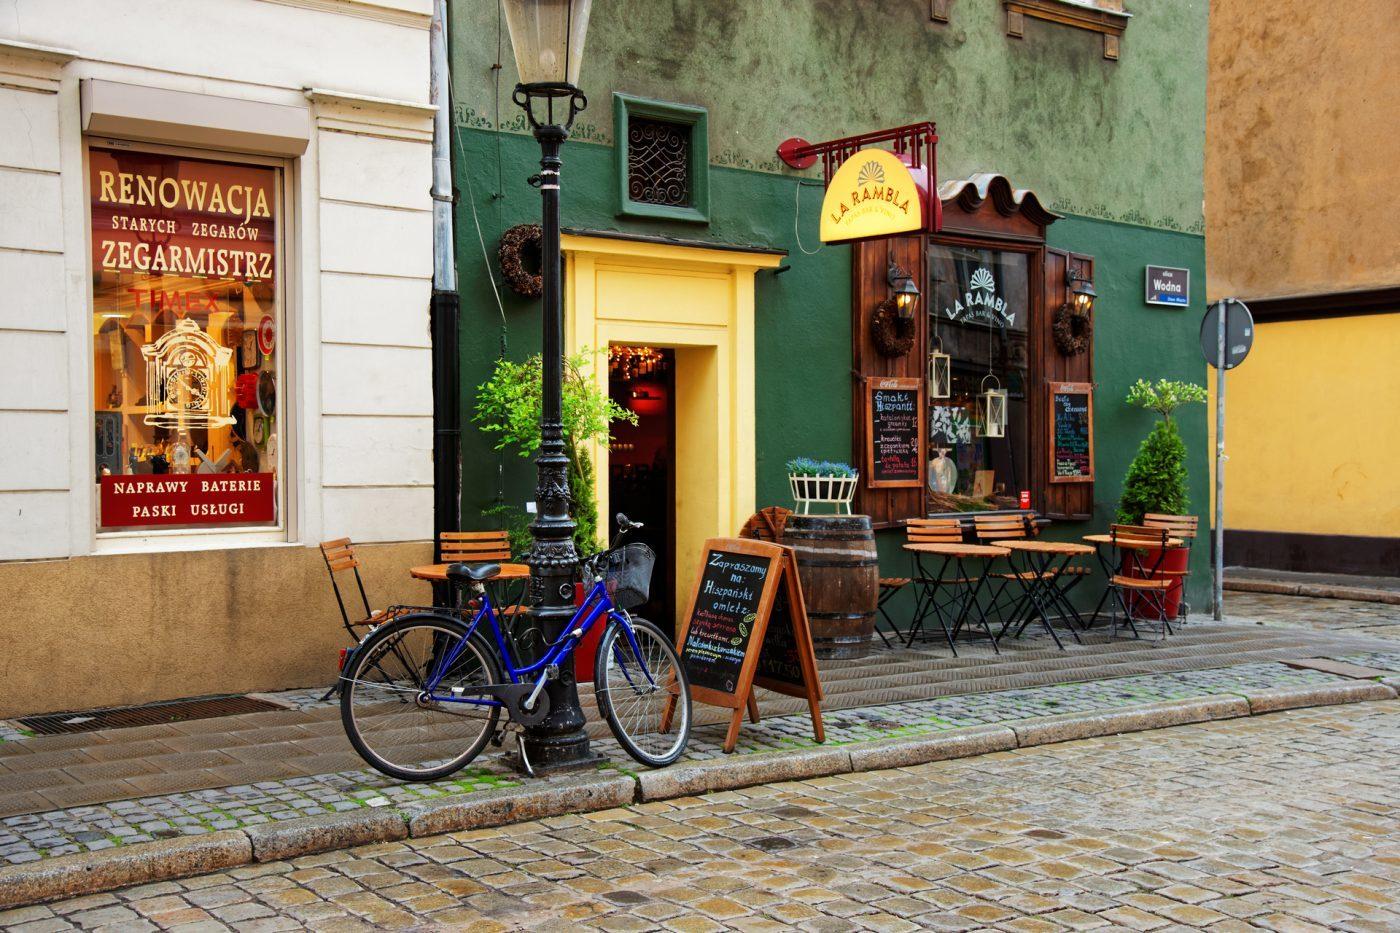 Miasta w Polsce, które najbardziej się zmieniły wciągu ostatnich lat – Top11